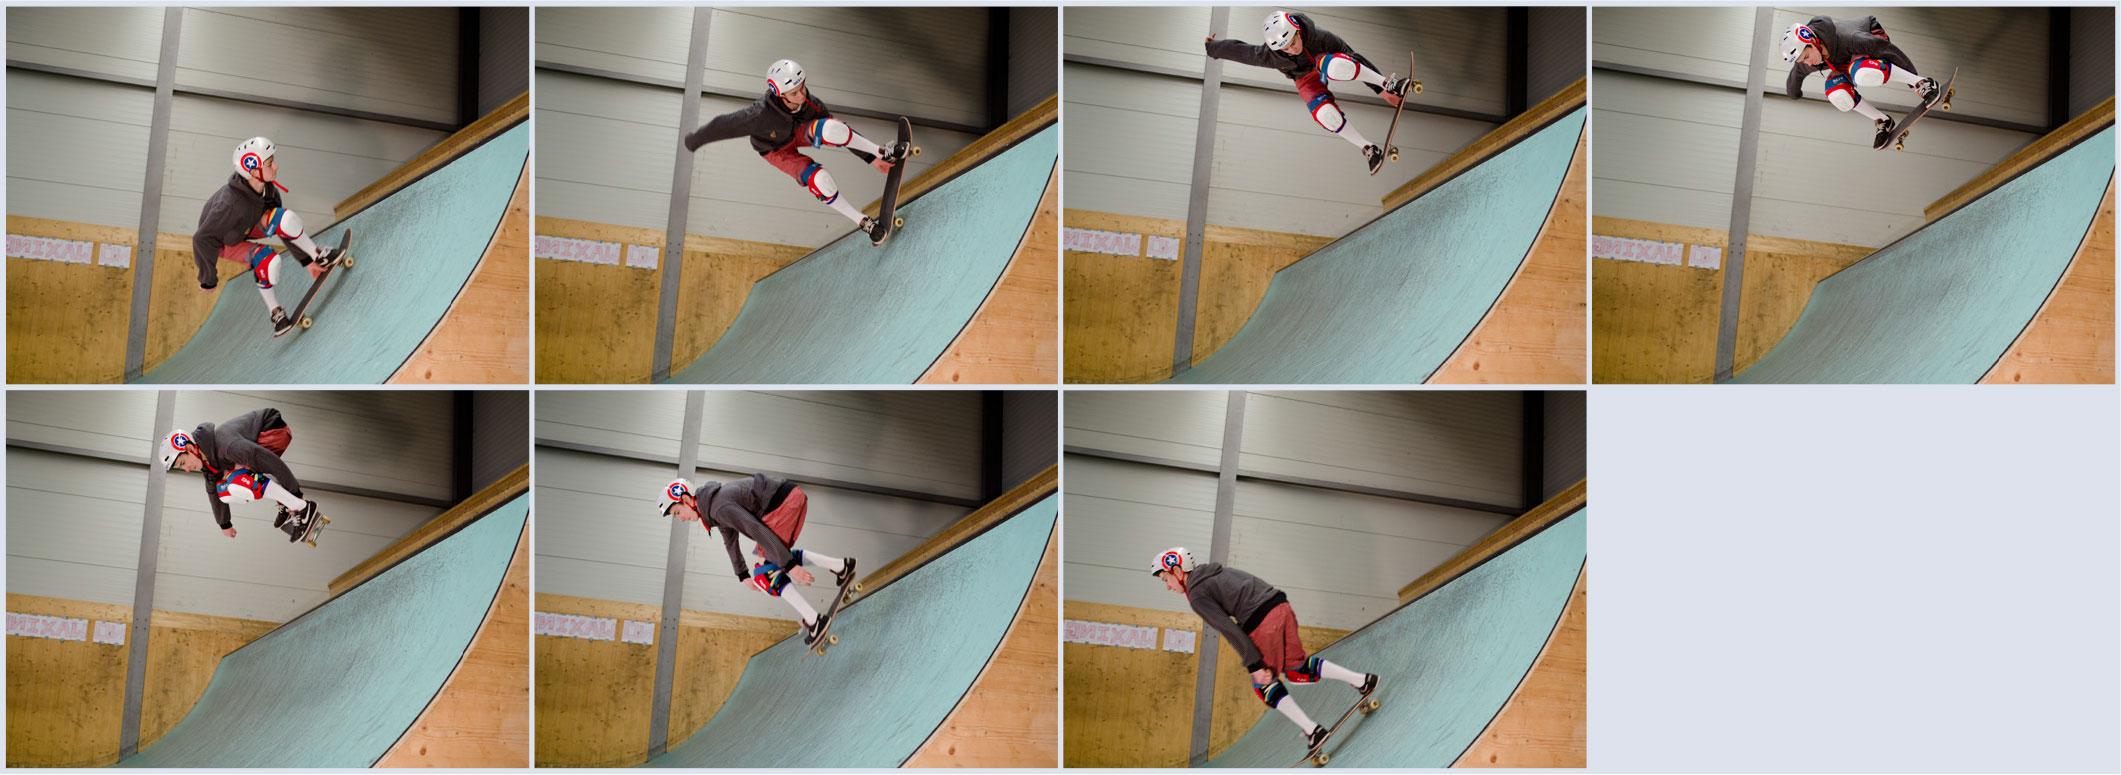 skateboard springen lernen